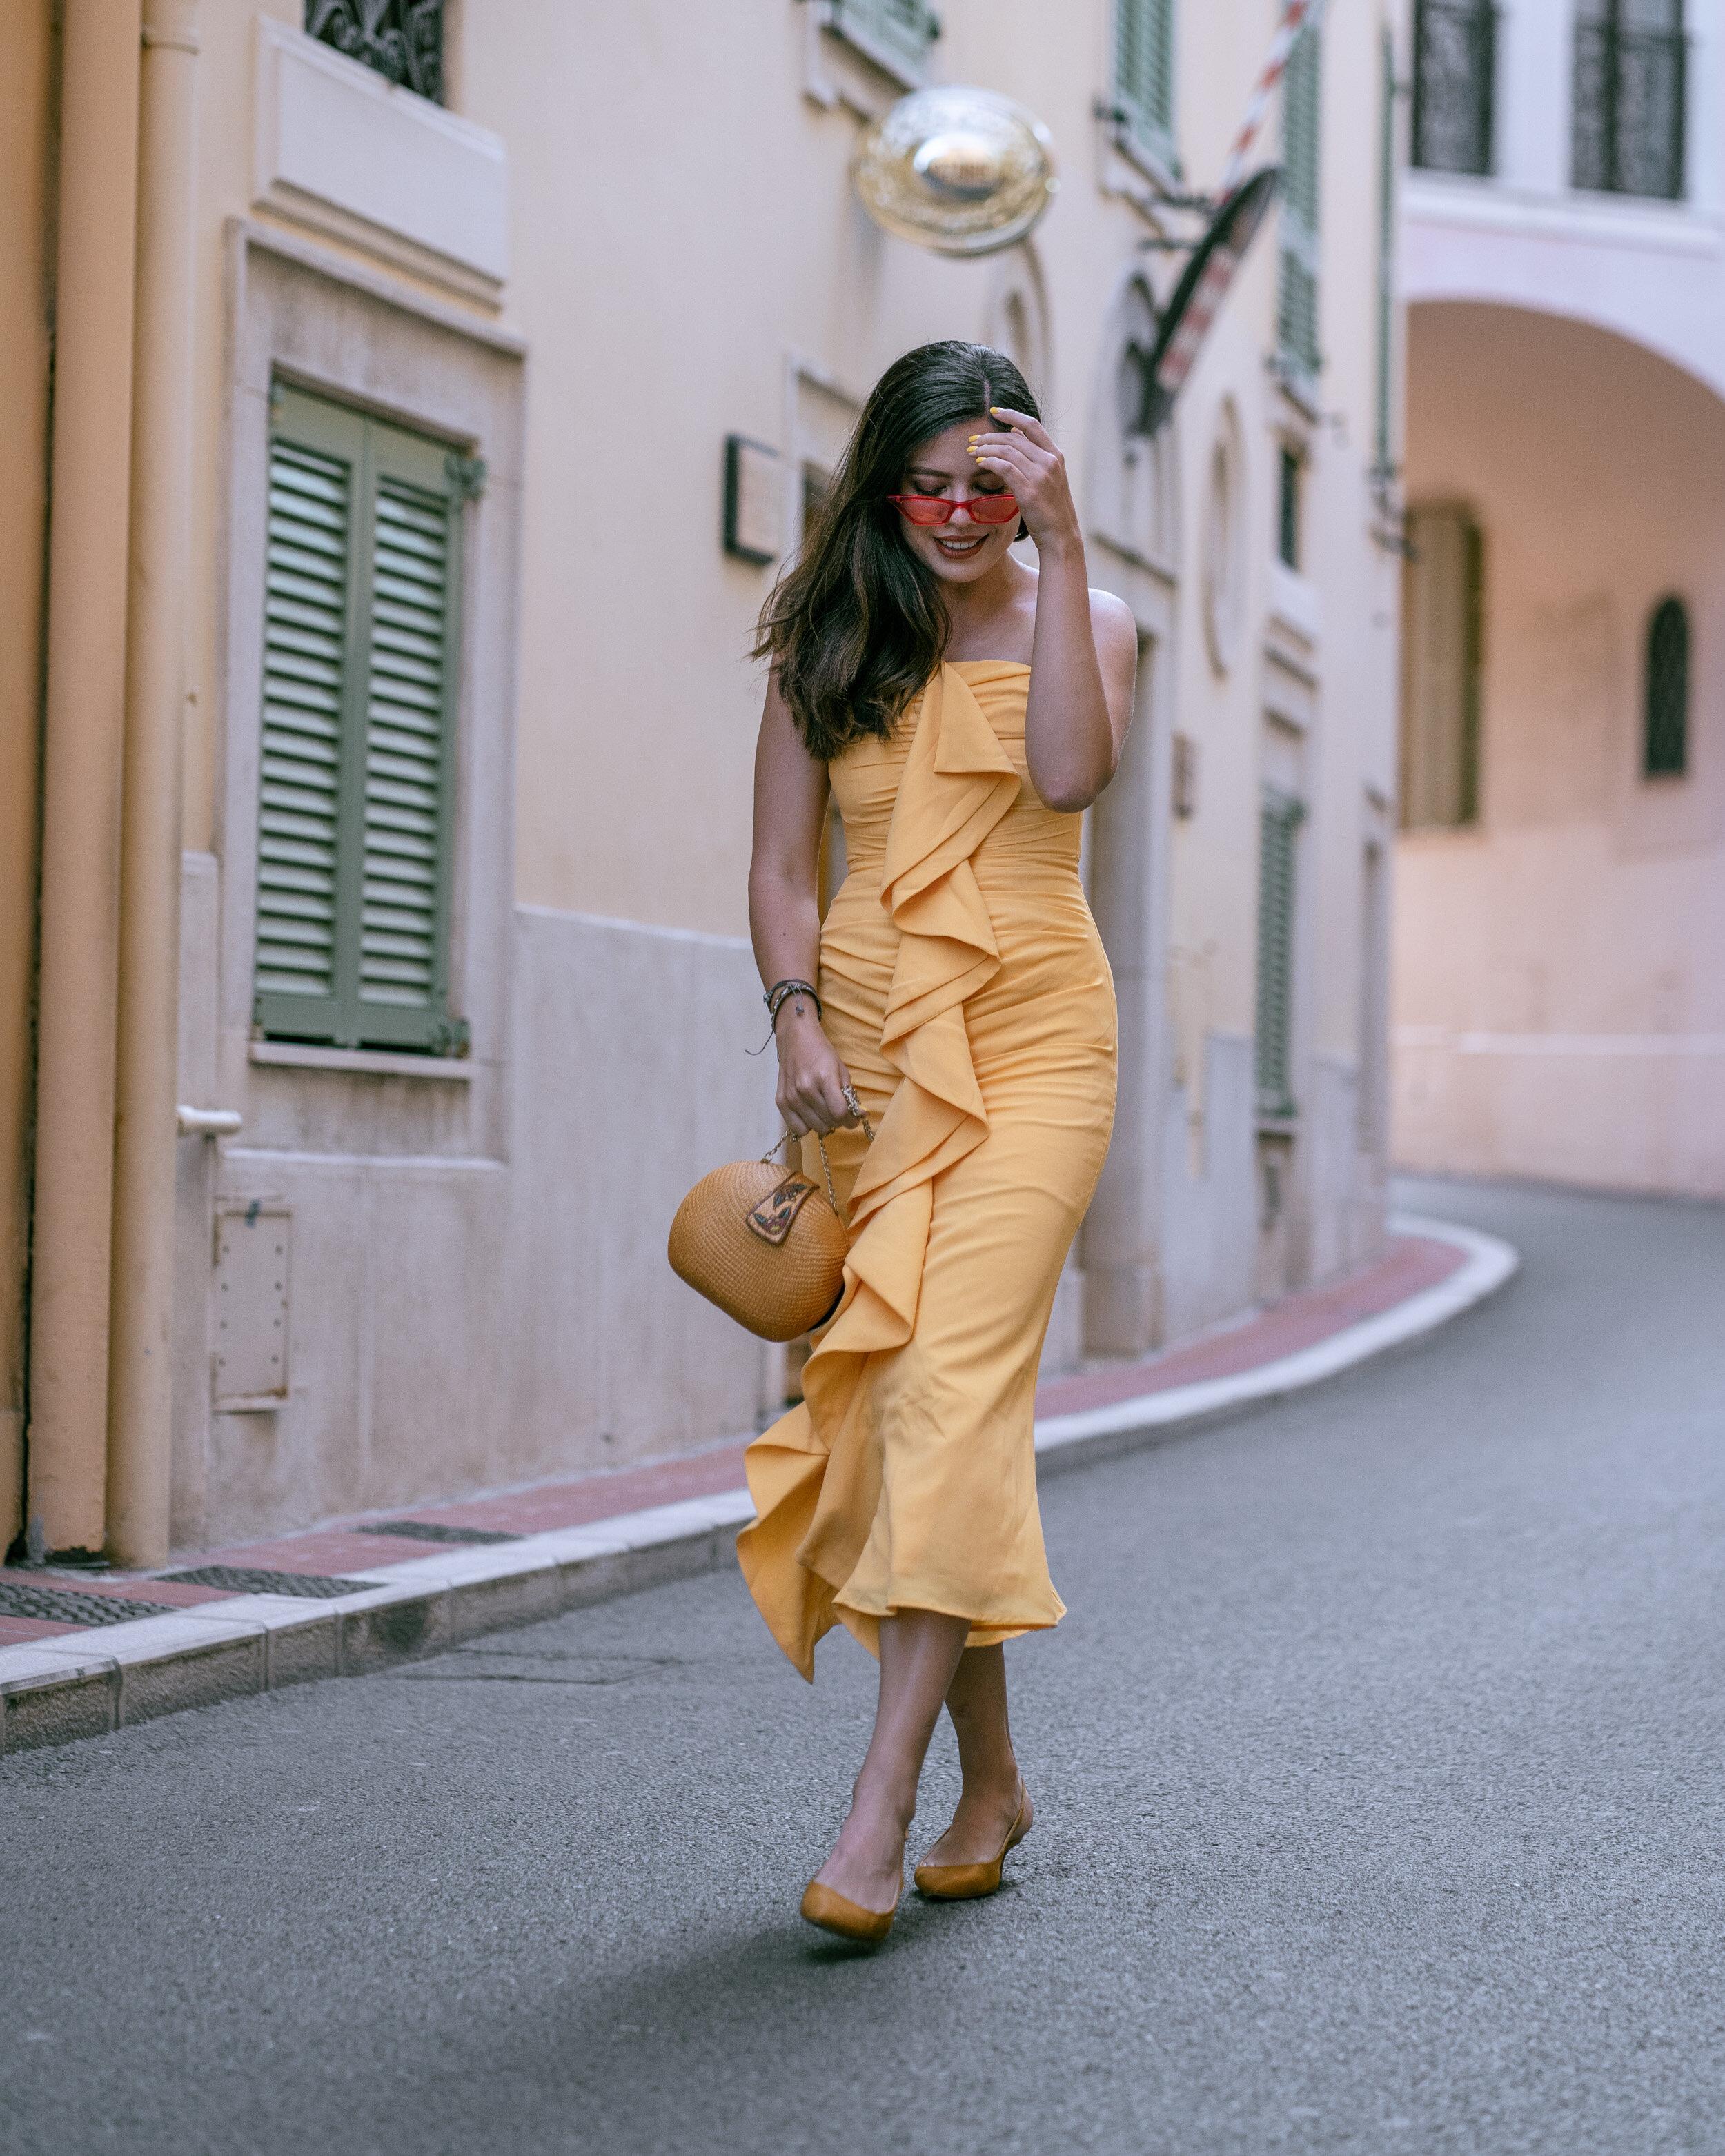 Rachel Off Duty: Woman in a Yellow Dress